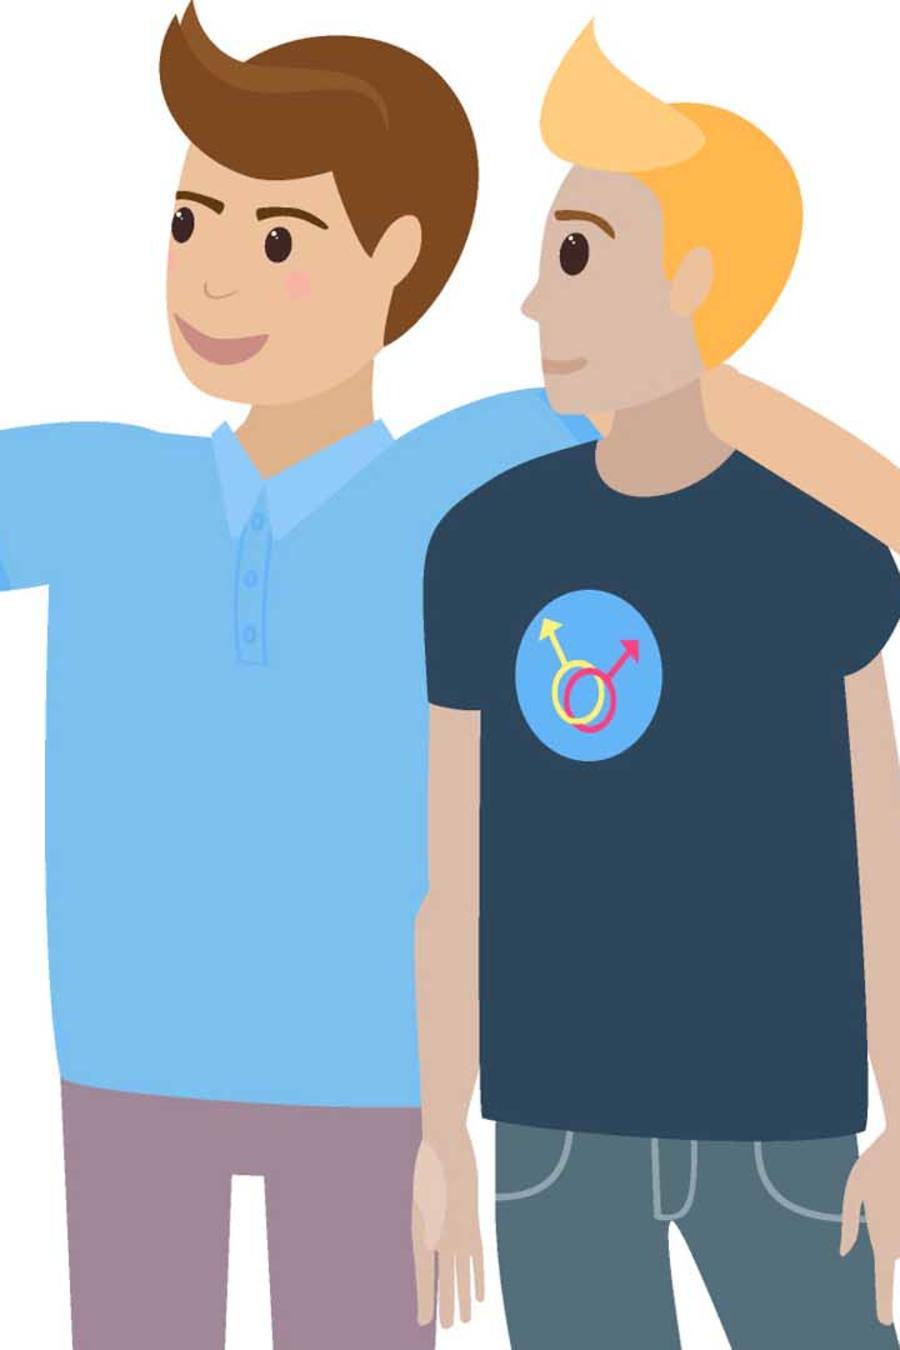 Dibujo de pareja gay haciéndose un selfie